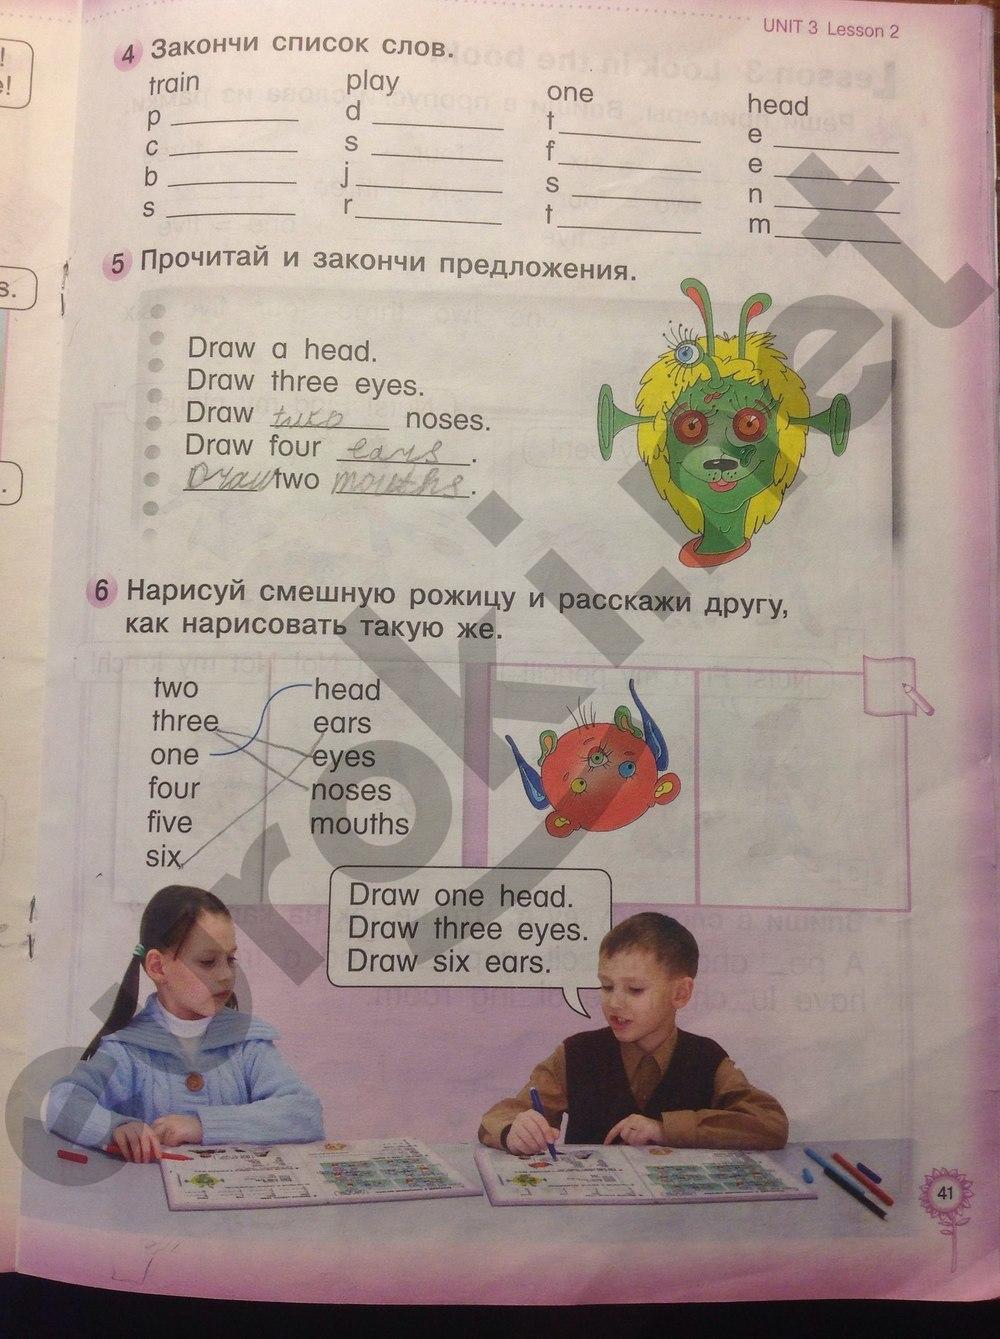 ГДЗ по английскому языку 1 класс рабочая тетрадь Колтавская А.А. Костюк Е.В. Часть 1. Задание: стр. 41